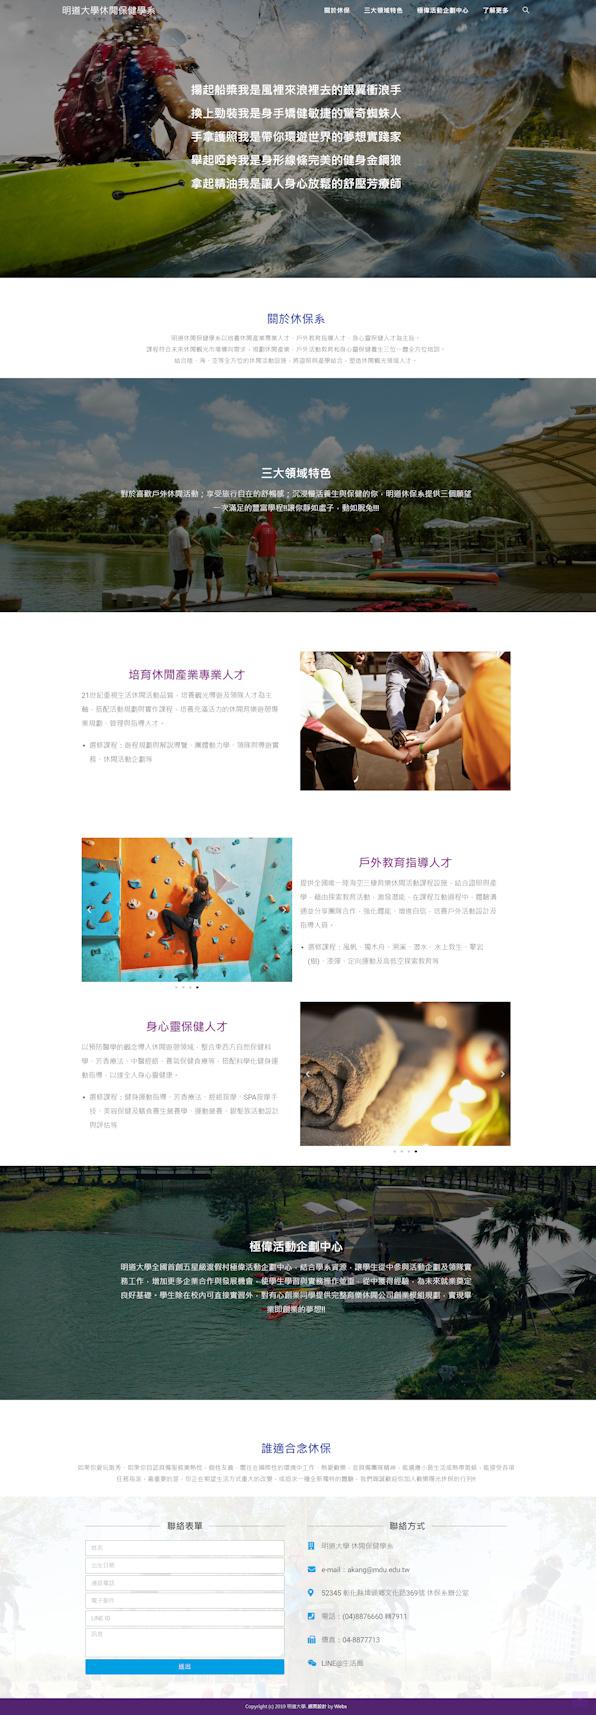 網頁設計-大學休保系2